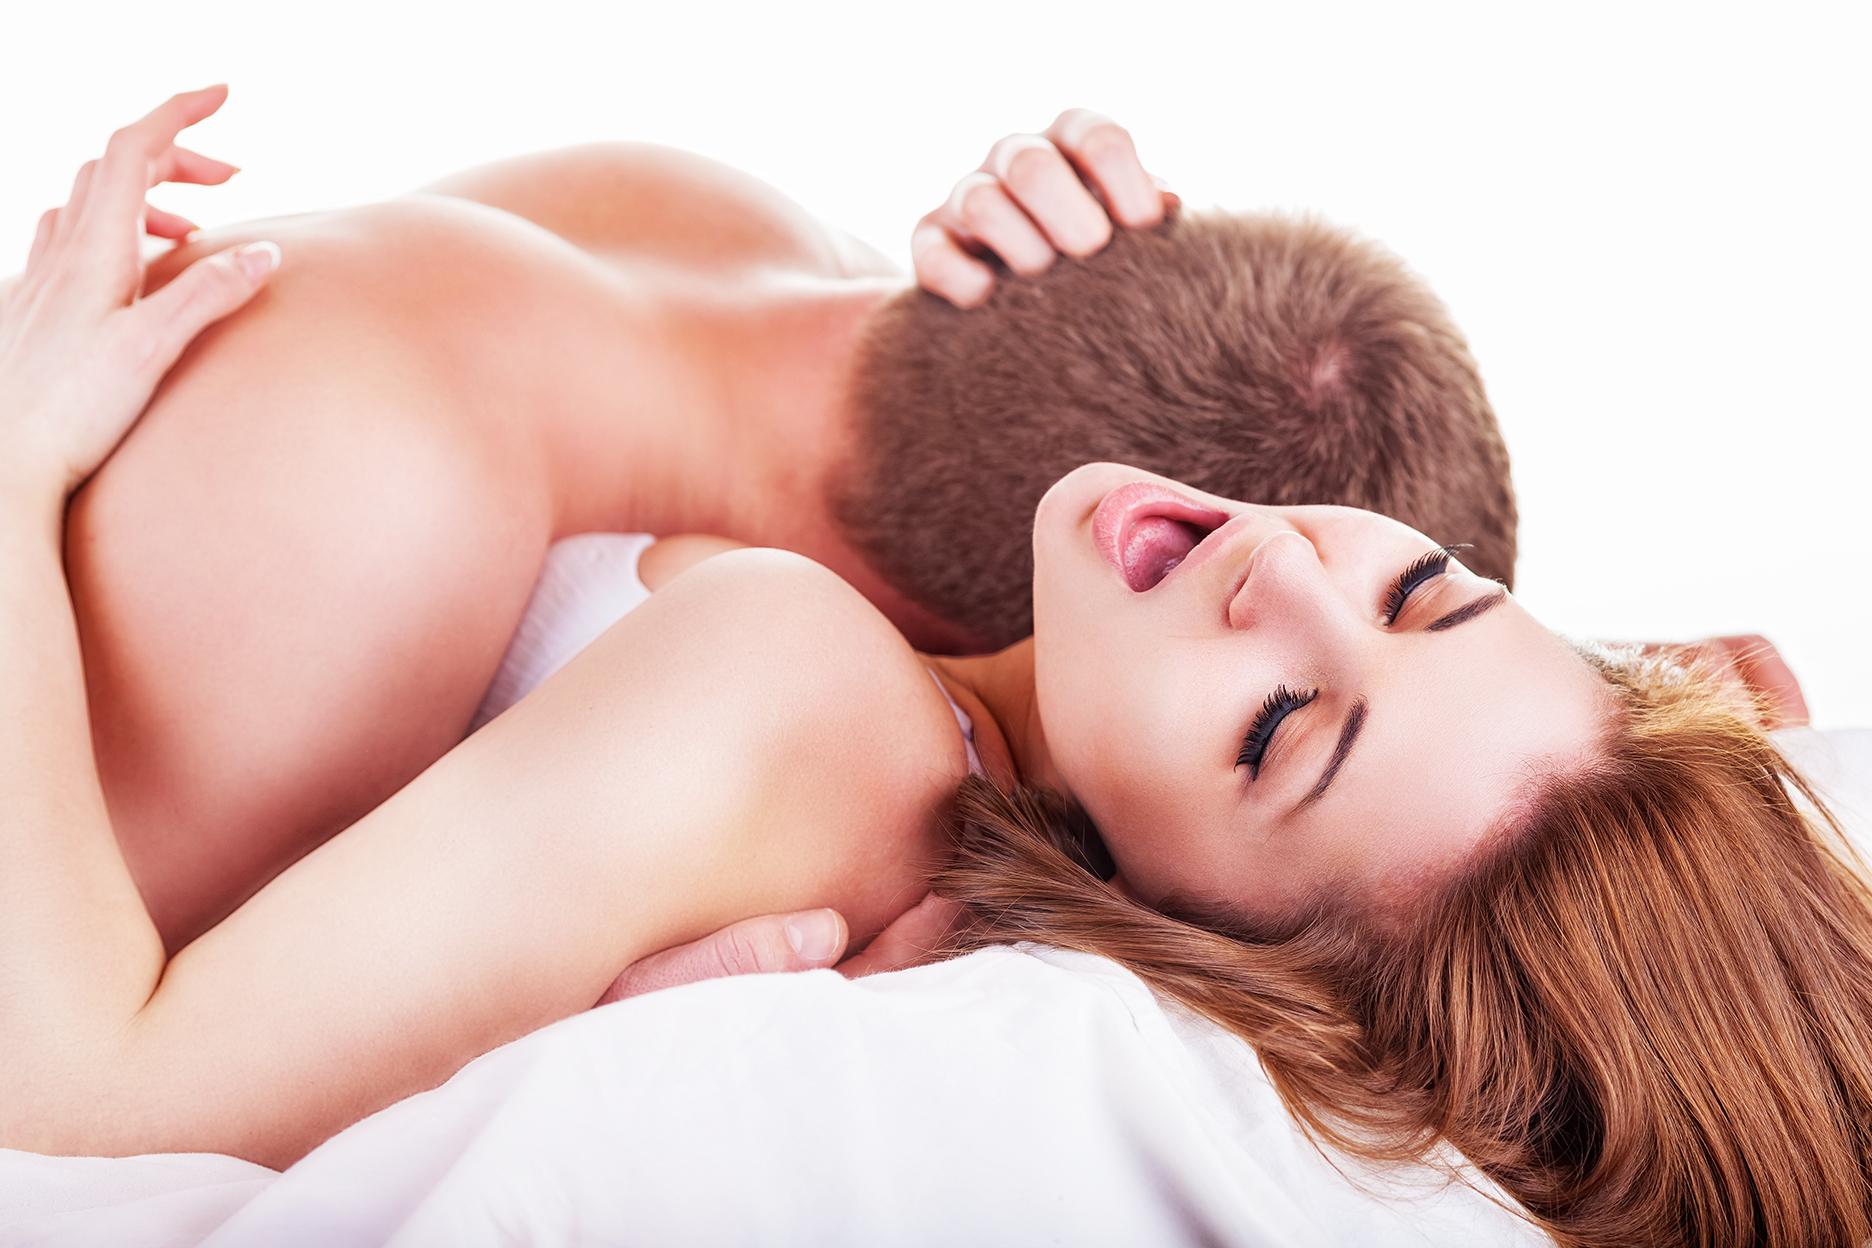 Hot nude ukrainian coed